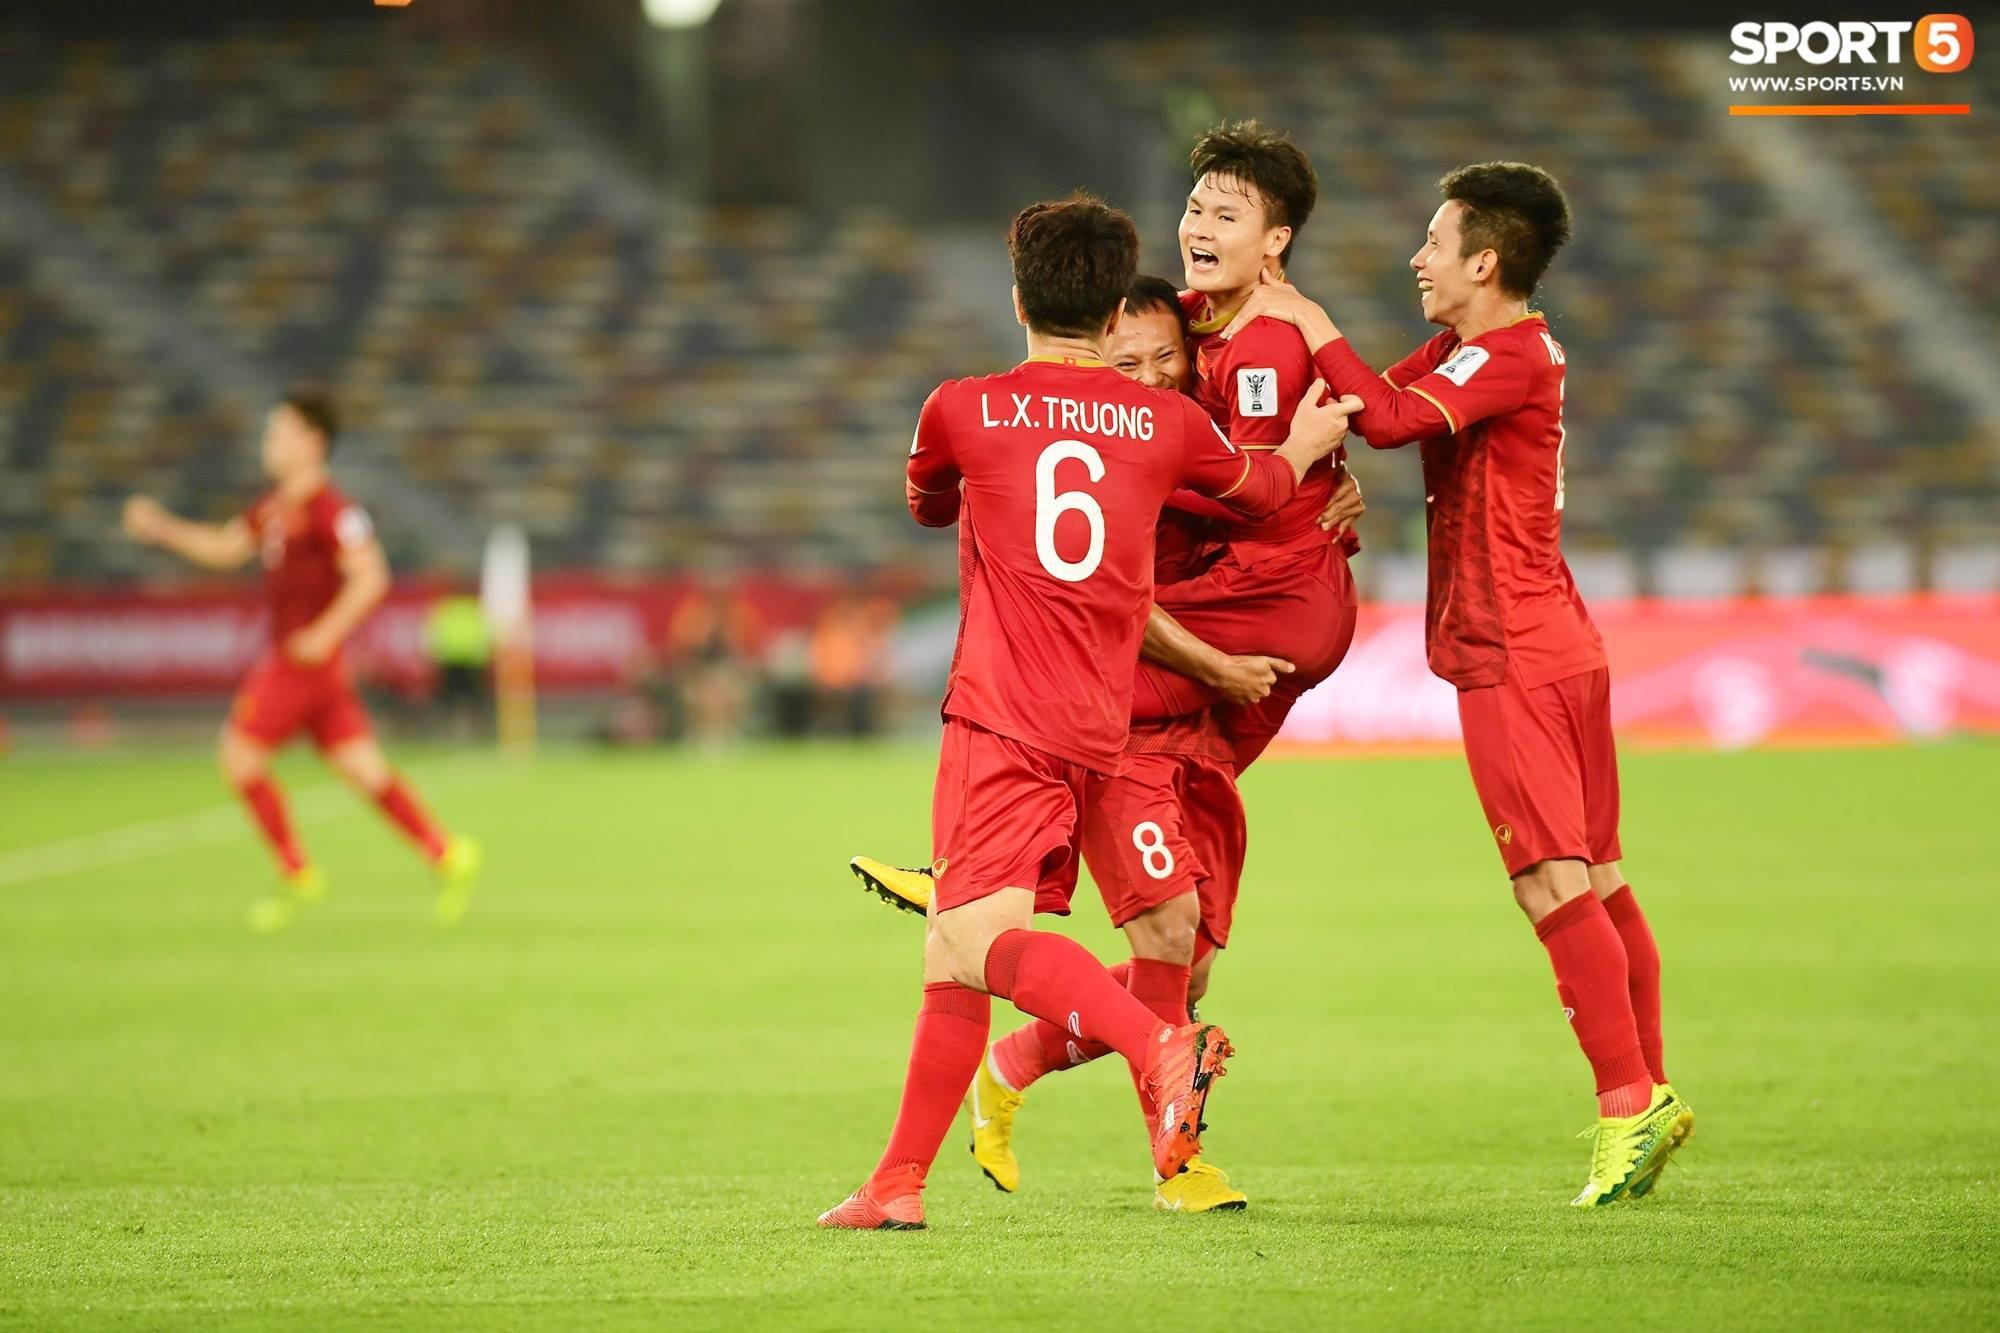 Chỉ cần hòa Iran, Việt Nam sẽ vươn lên top 2 đội xếp thứ 3 có thành tích tốt nhất Asian Cup 2019-2